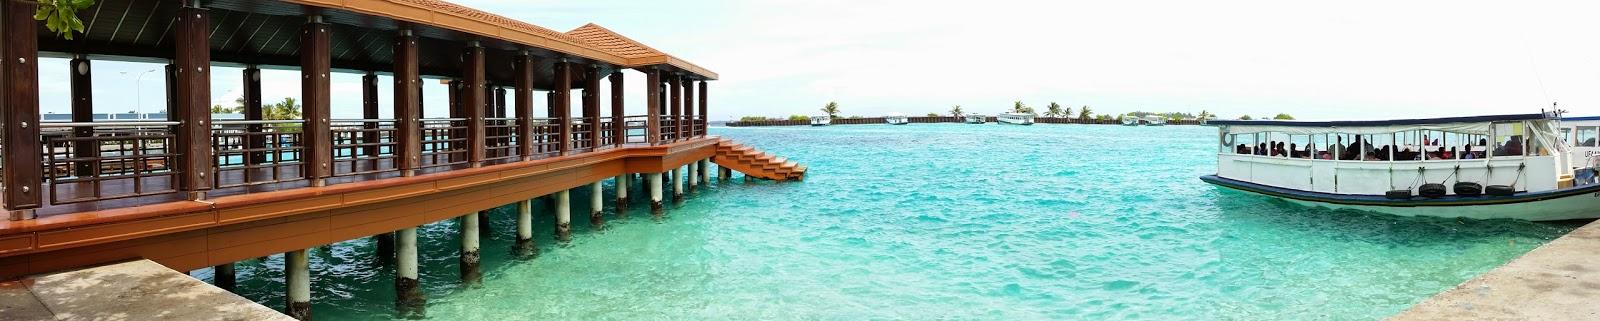 Embarcadero en el Aeropuerto de Ibrahim Nasir de Male (Maldivas)